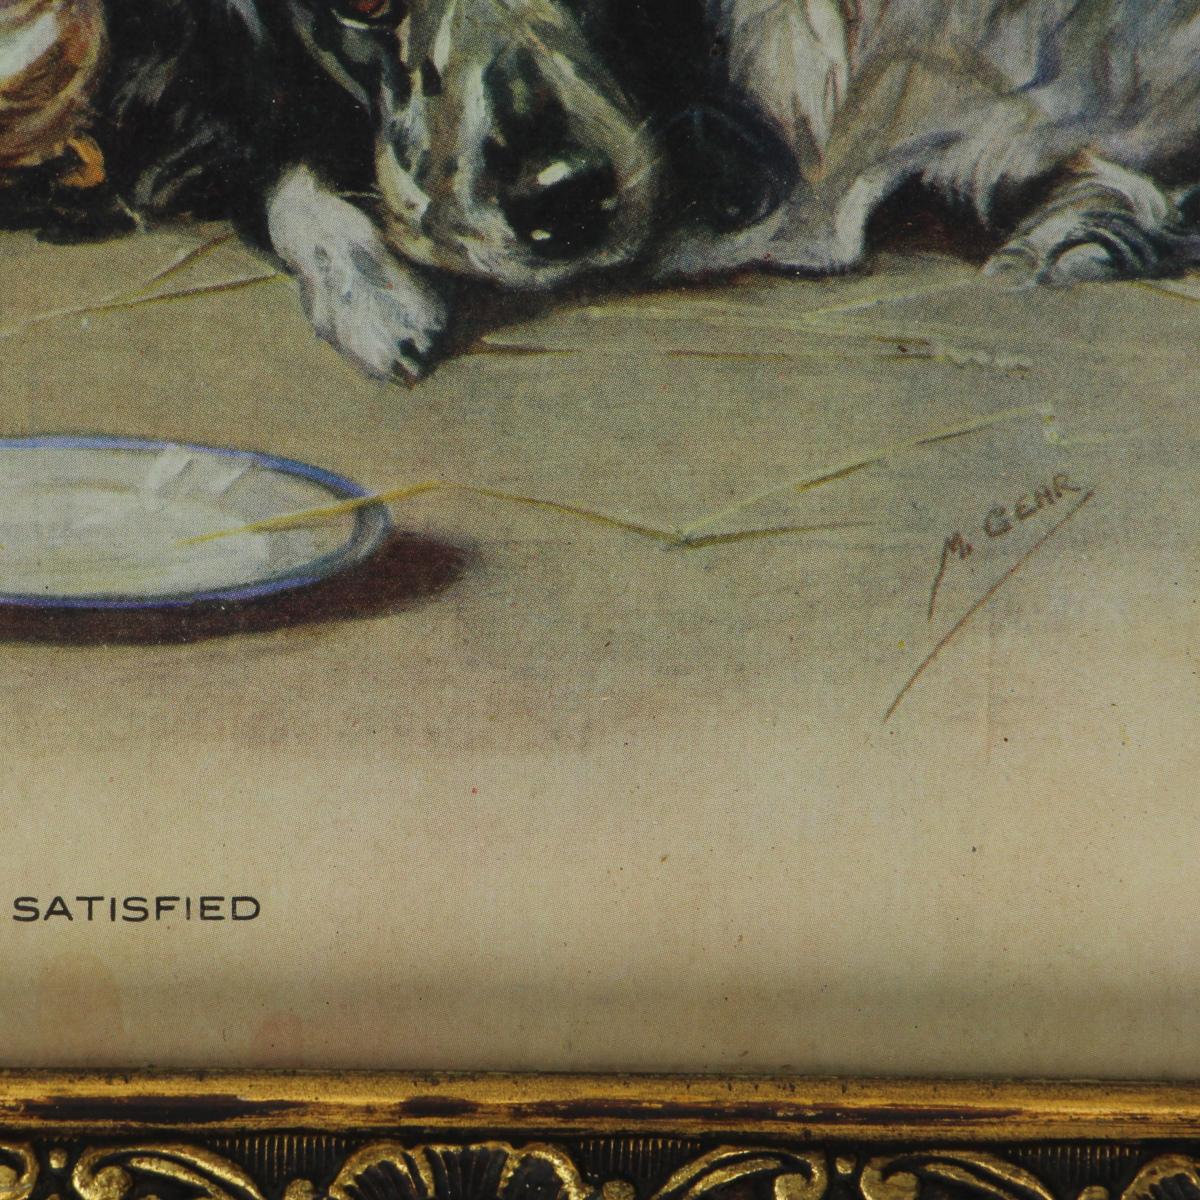 Afbeeldingen van 2 honden kader met glas